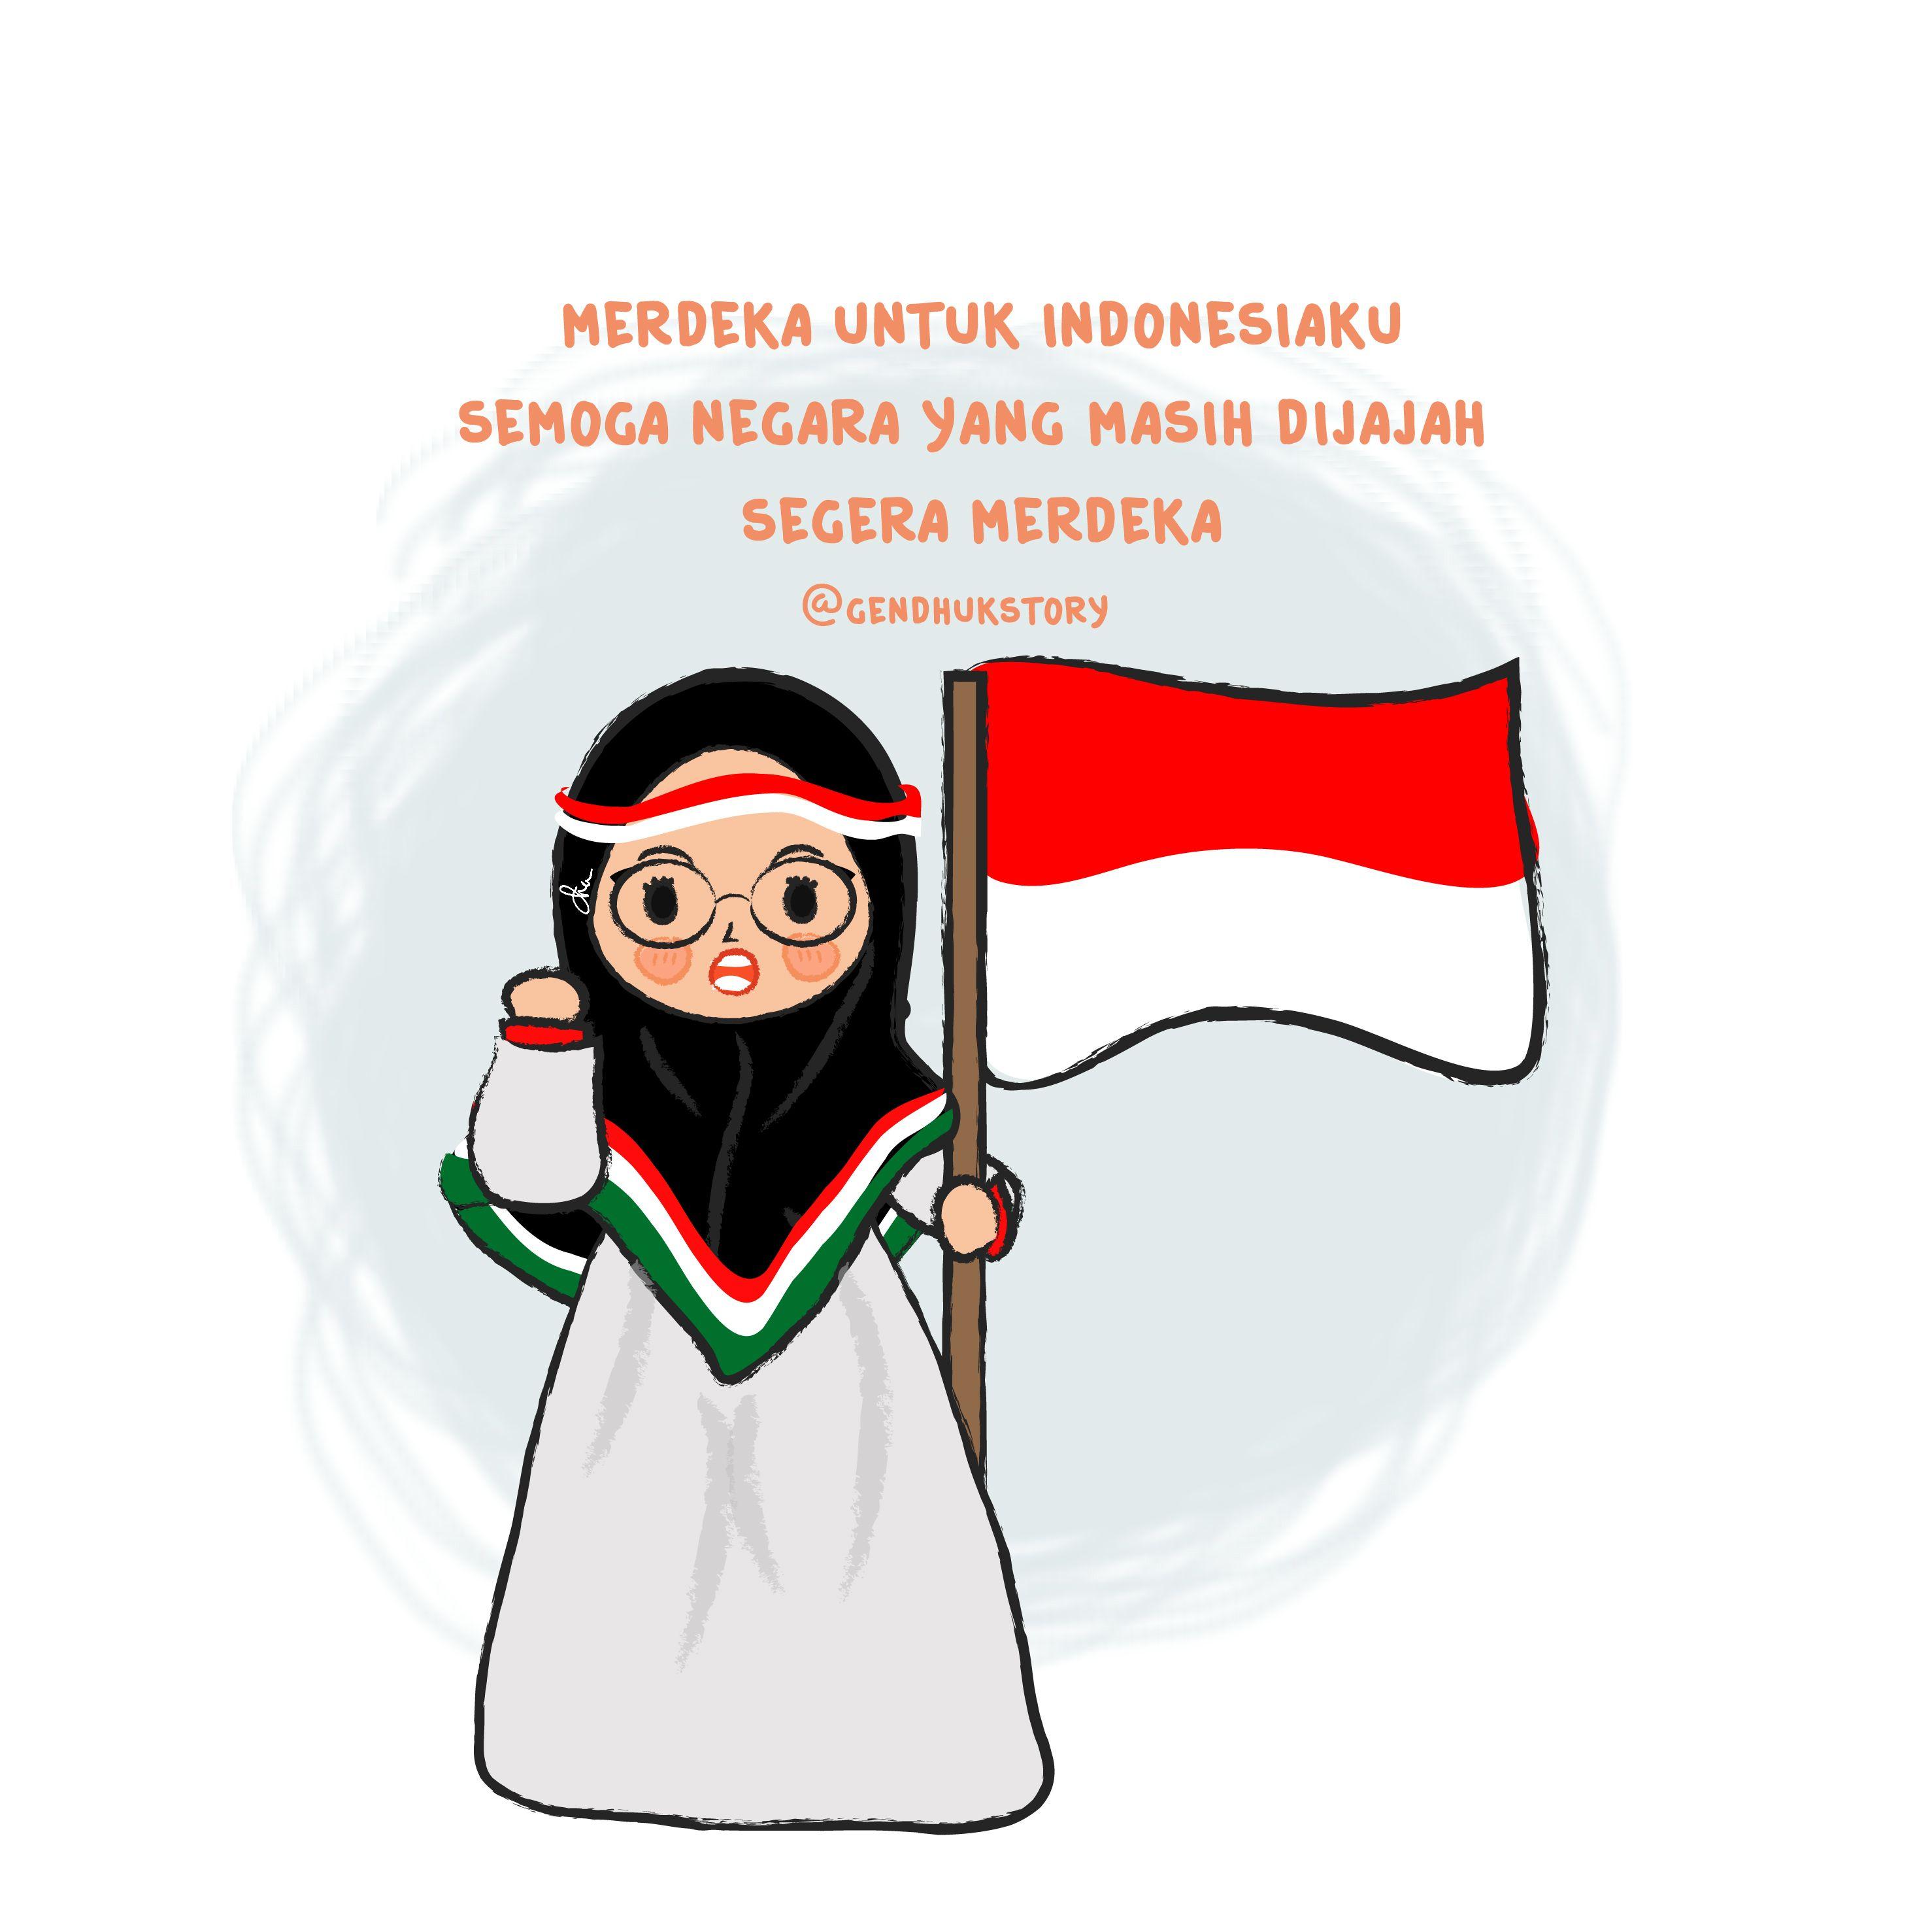 Aminn Dan Semoga Indonesiaku Makin Maju Dan Tentunya